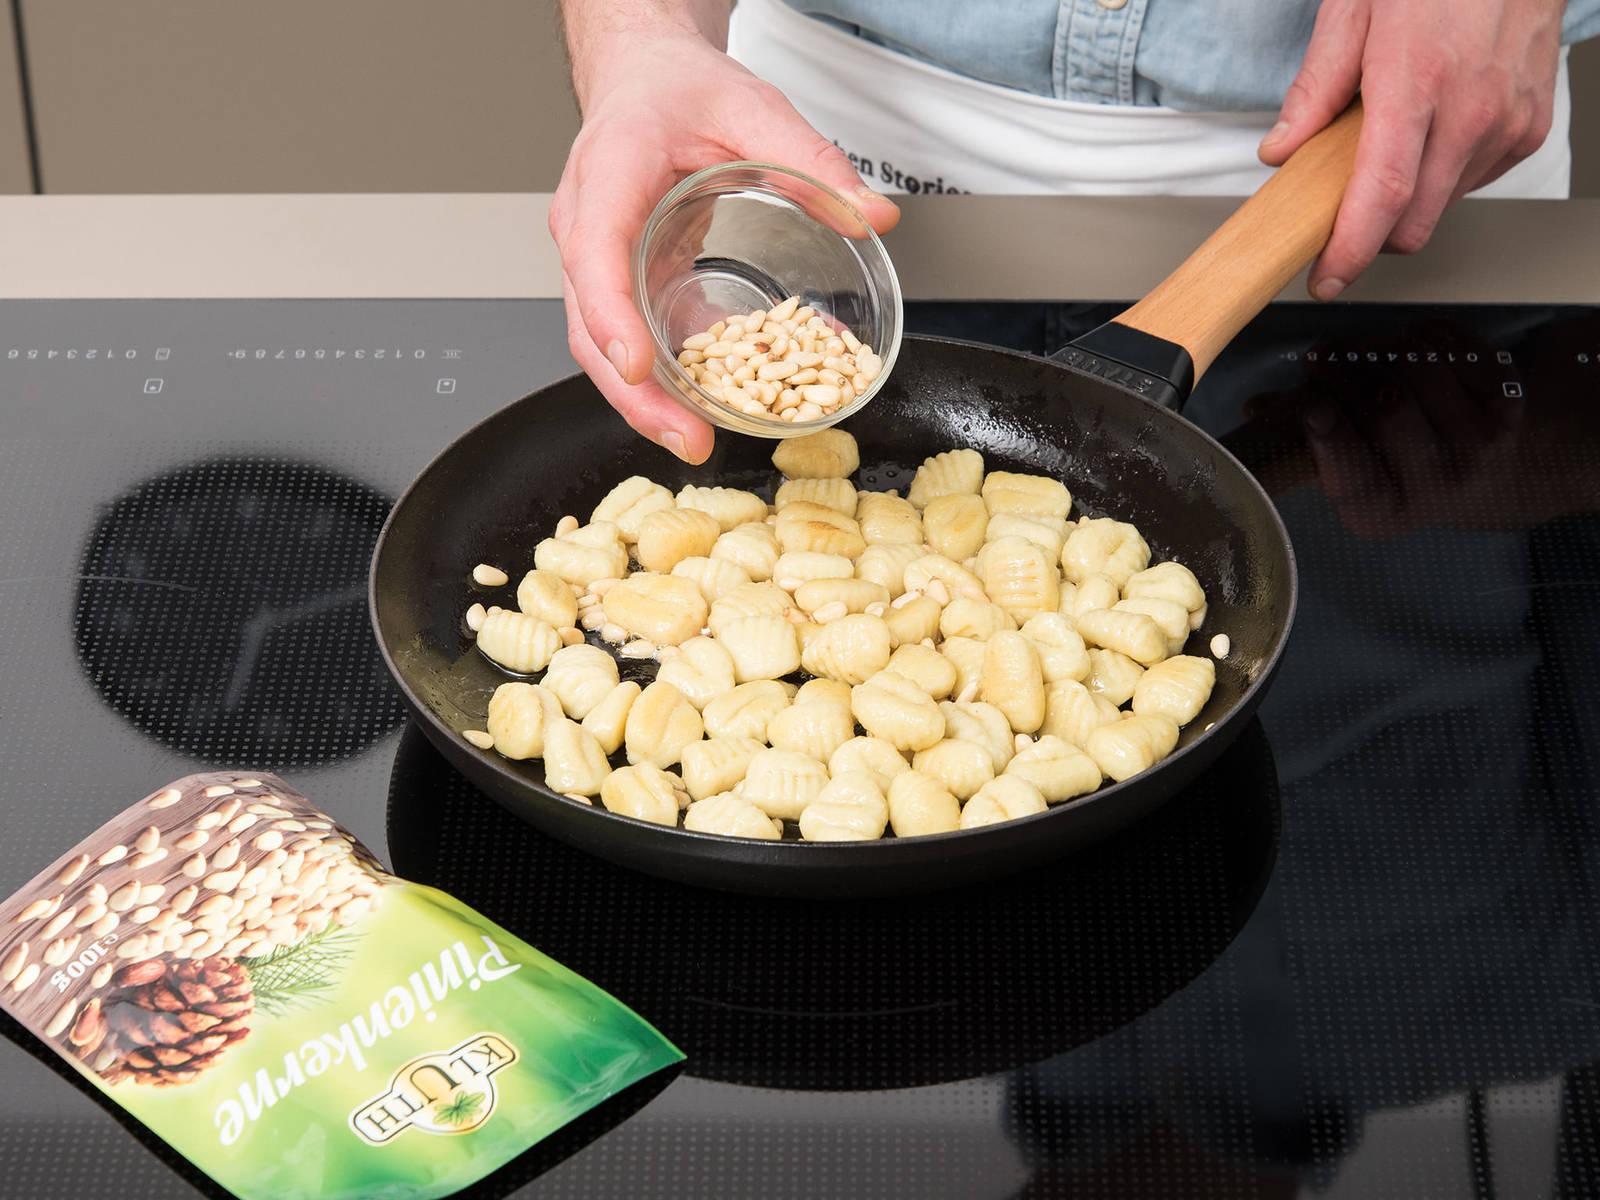 平底锅中融化黄油,放入意式面疙瘩和剩余的松子。炒约2分钟,加水稀释。持续翻炒,直至水完全蒸发。倒入羽衣甘蓝酱和切好的牛油果,翻炒均匀。